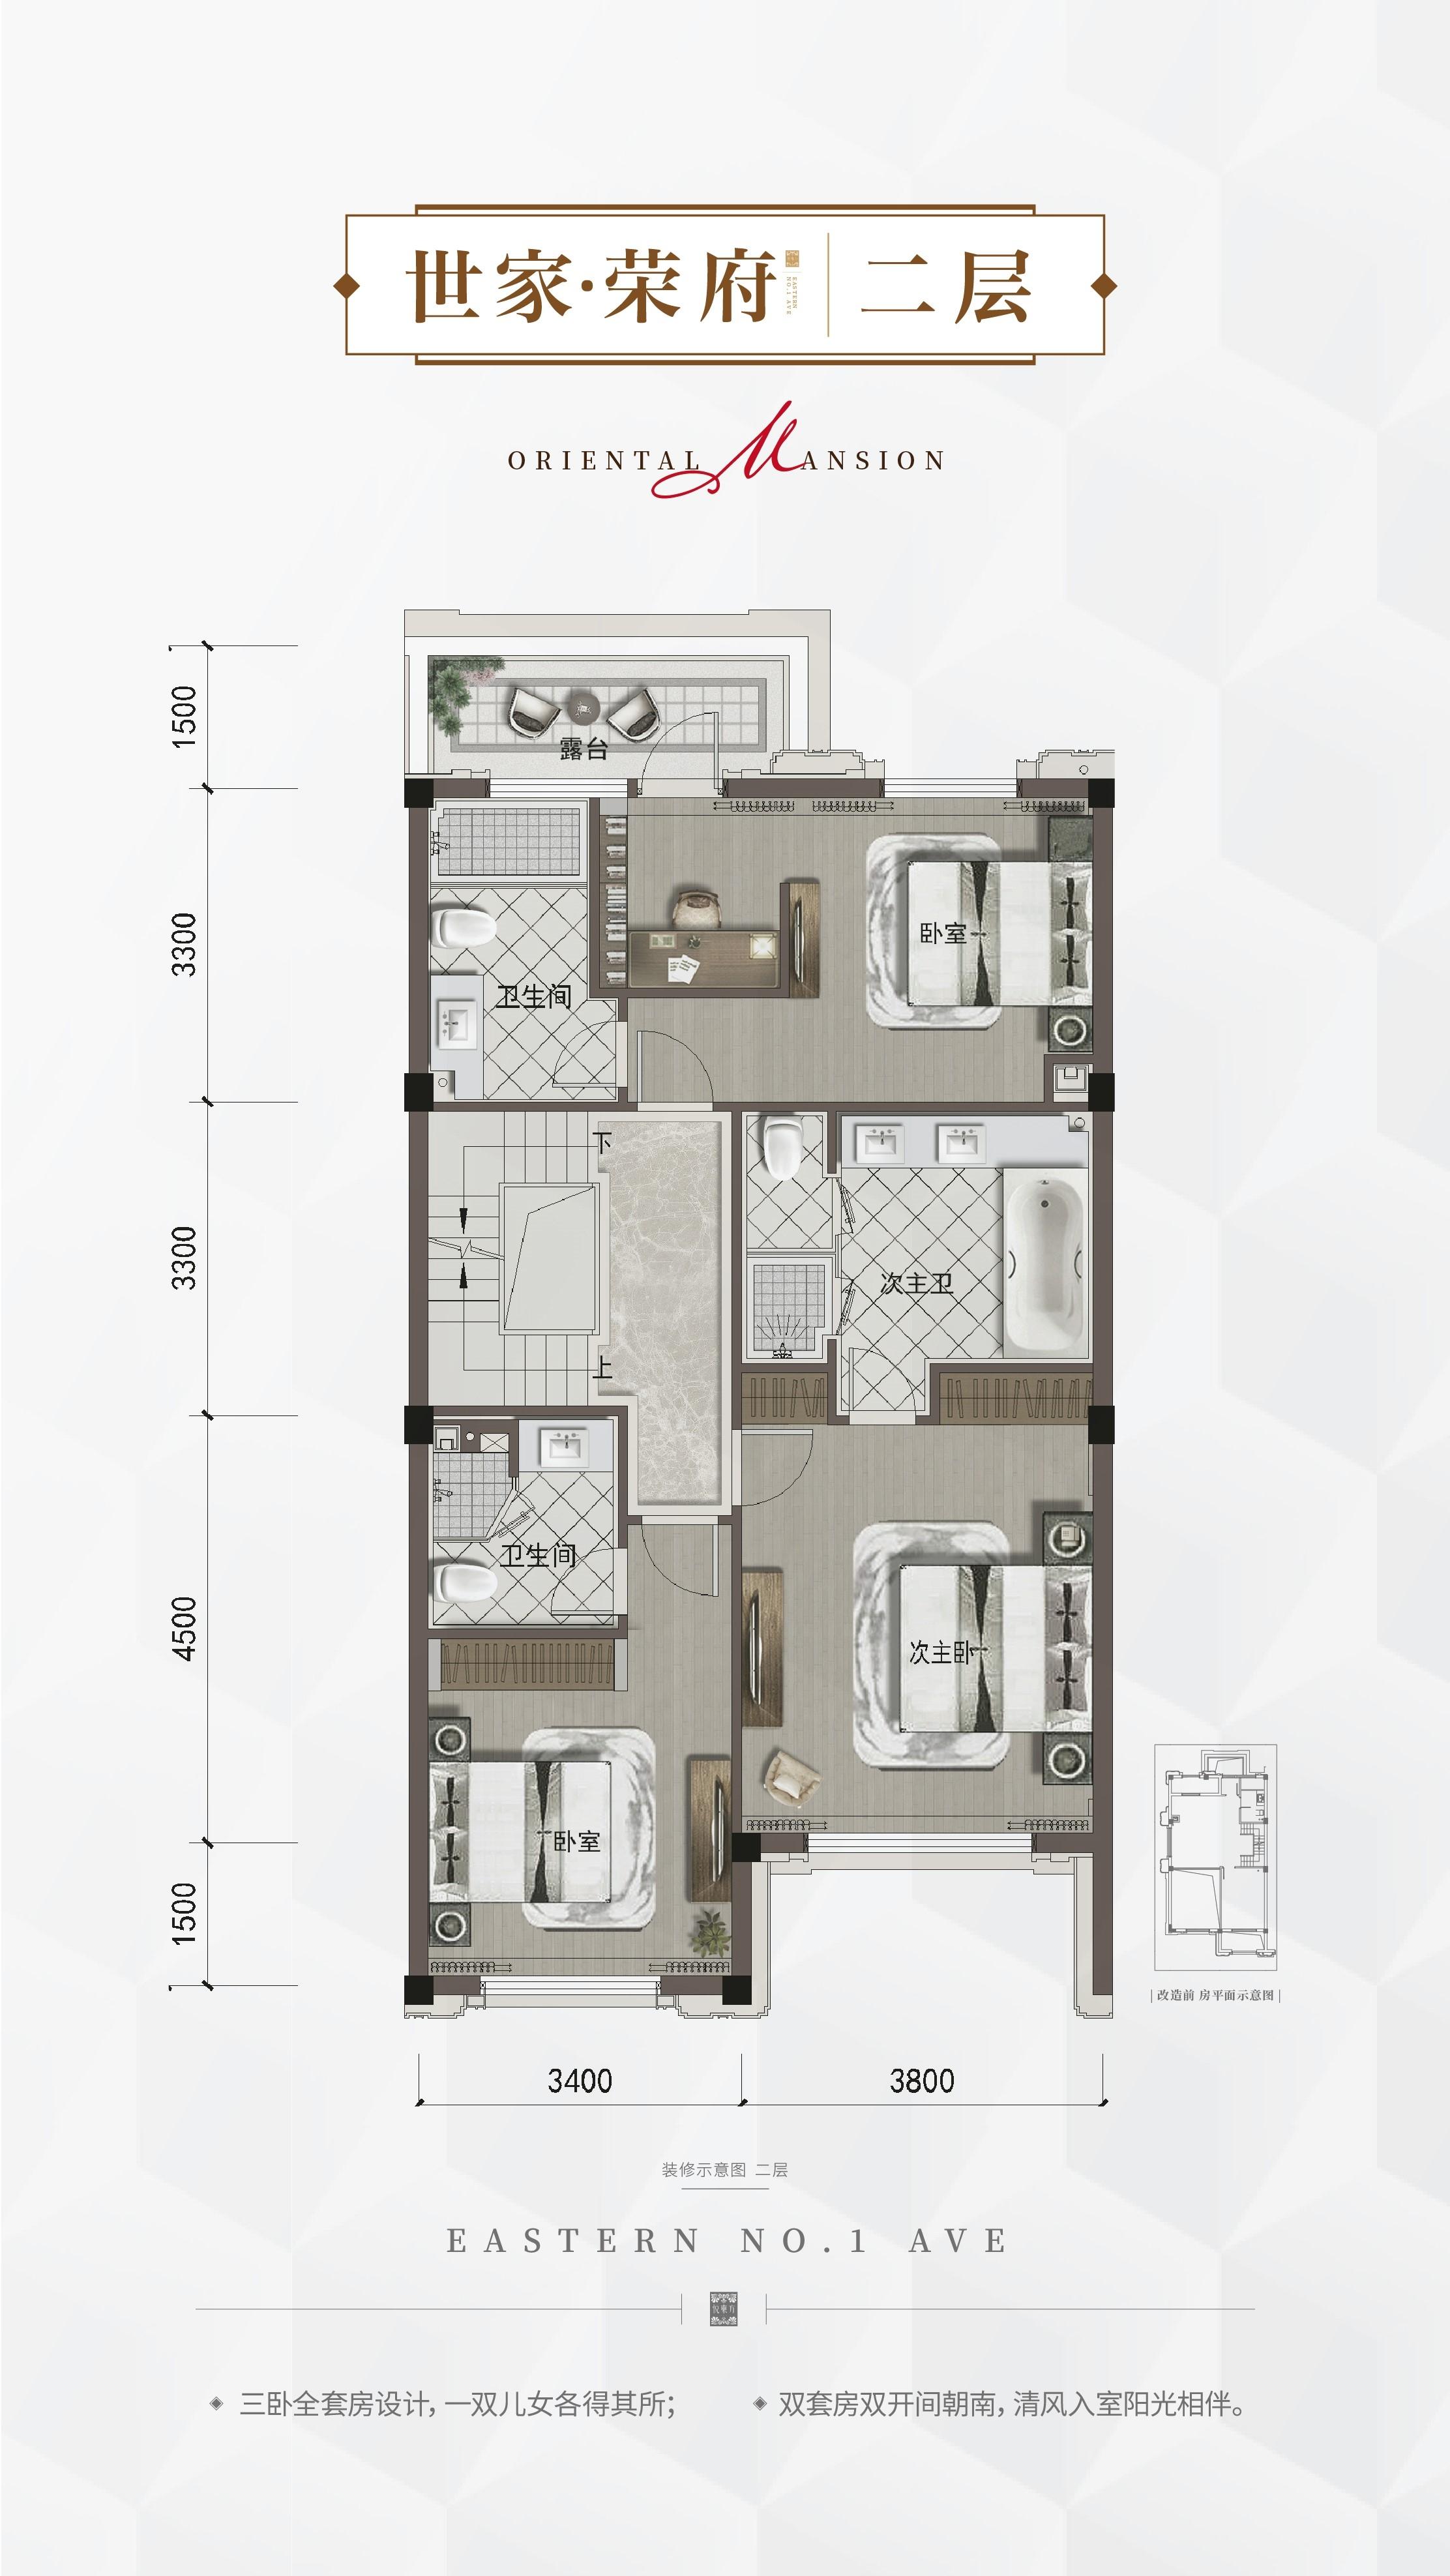 杭房悦东方排屋户型211方(二层)